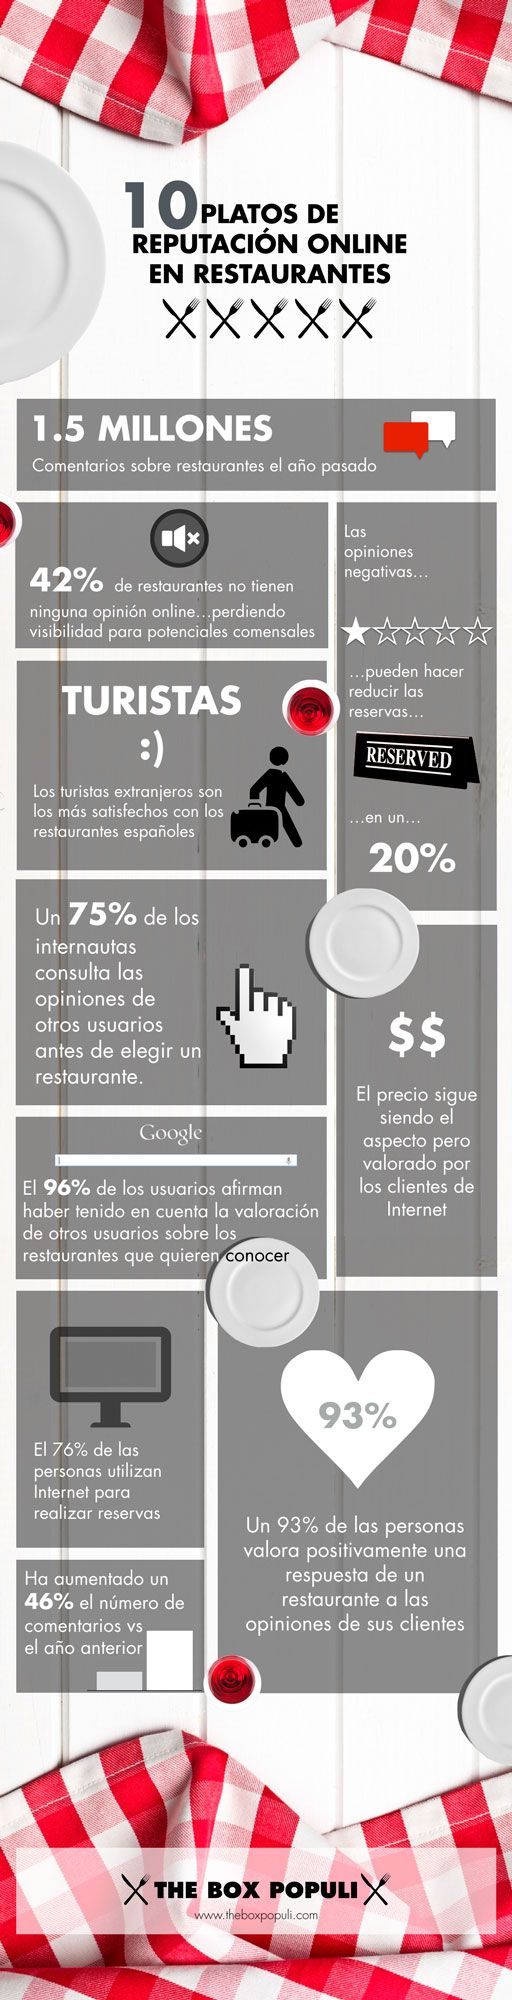 Inforgrafía sobre la Reputación Online en Restaurantes. Infografía creada por The Box Populi.